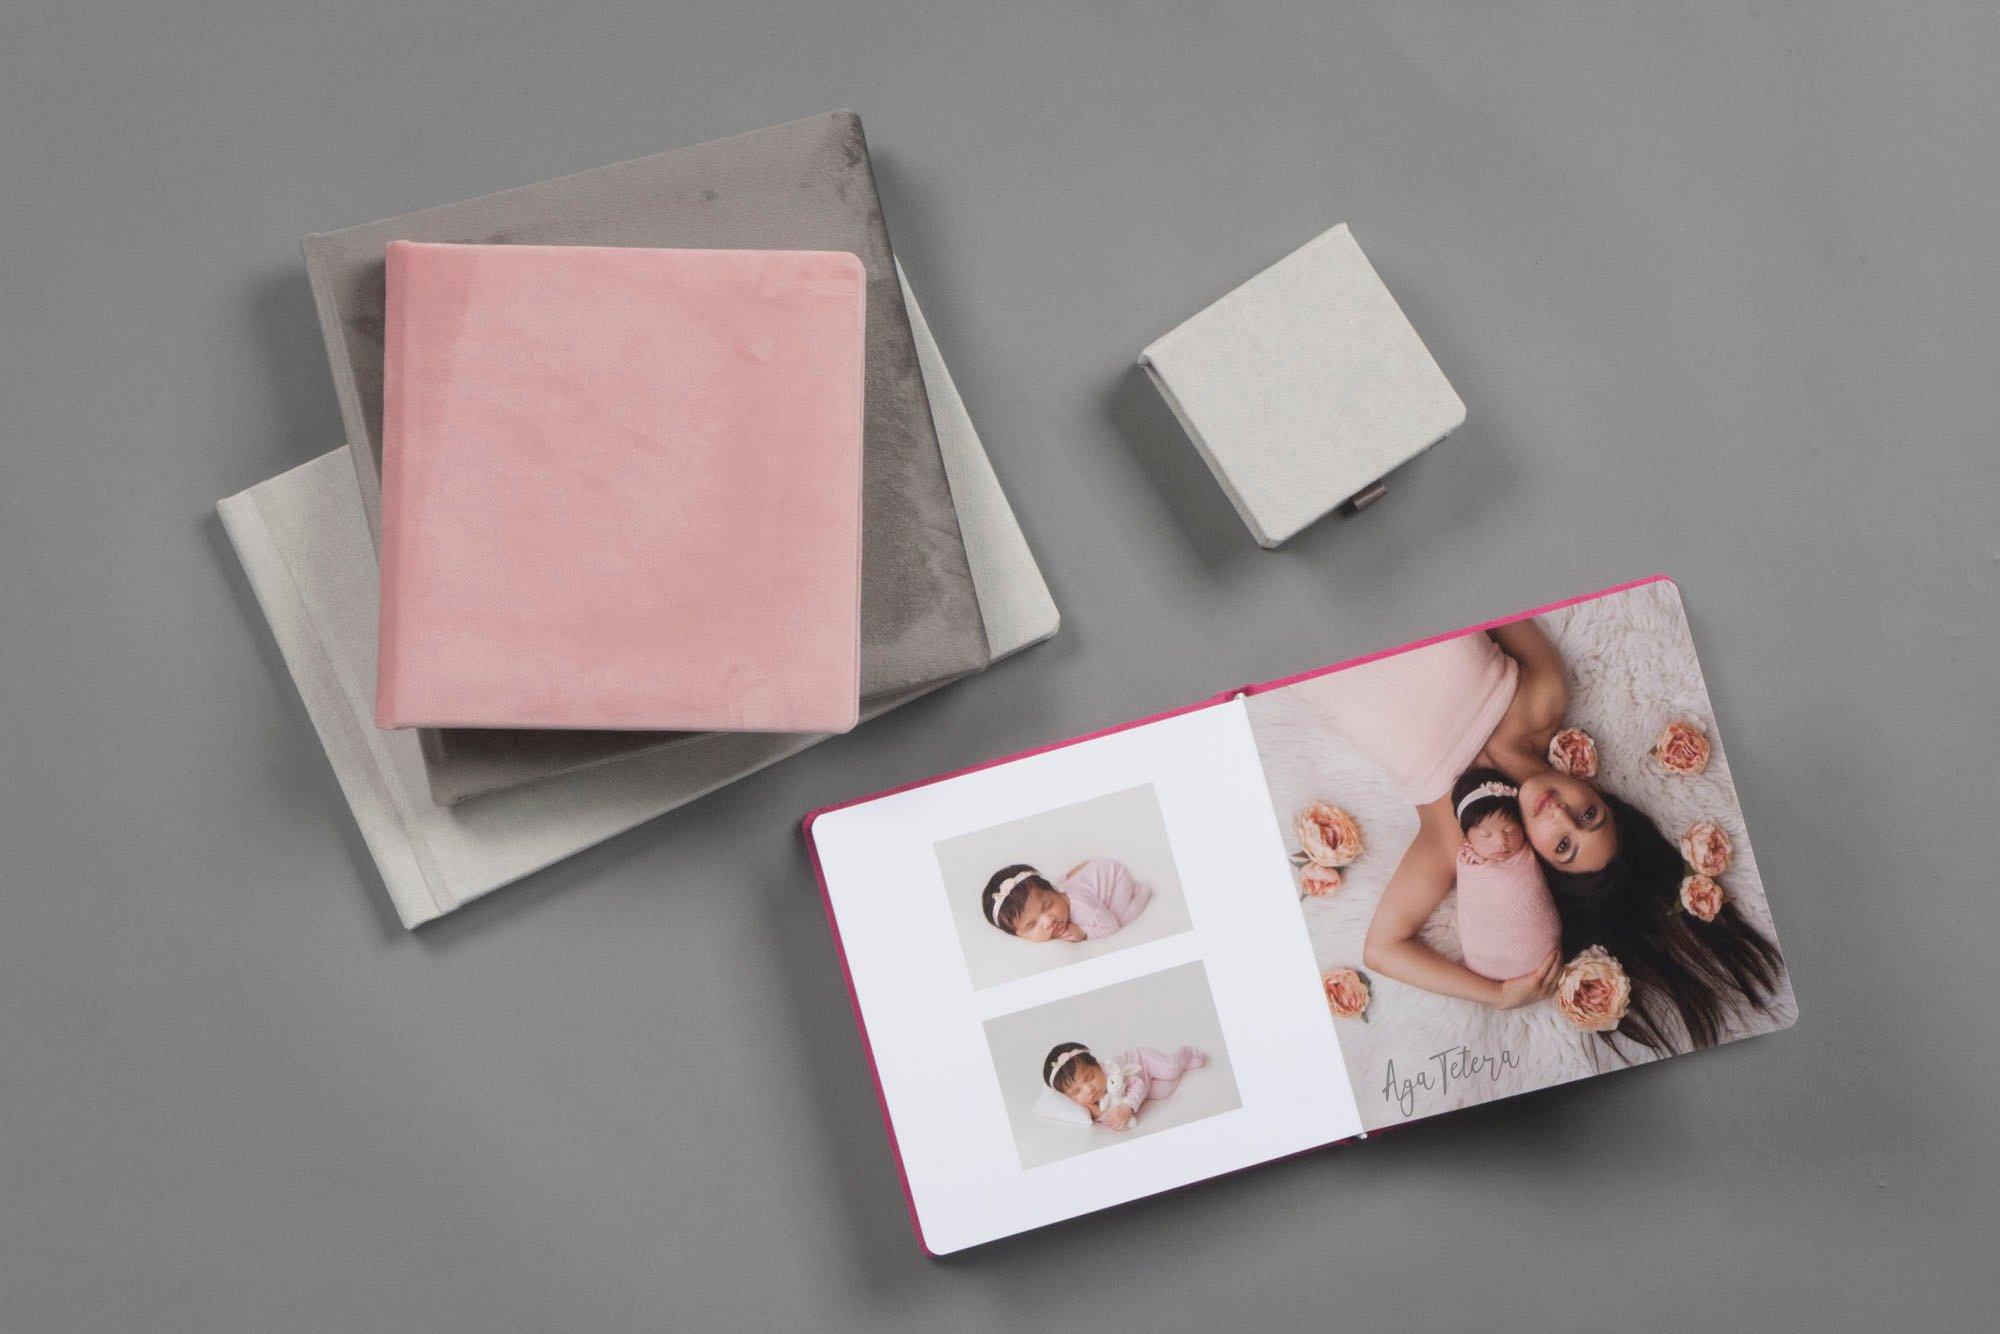 Suede Textile Photo Albums